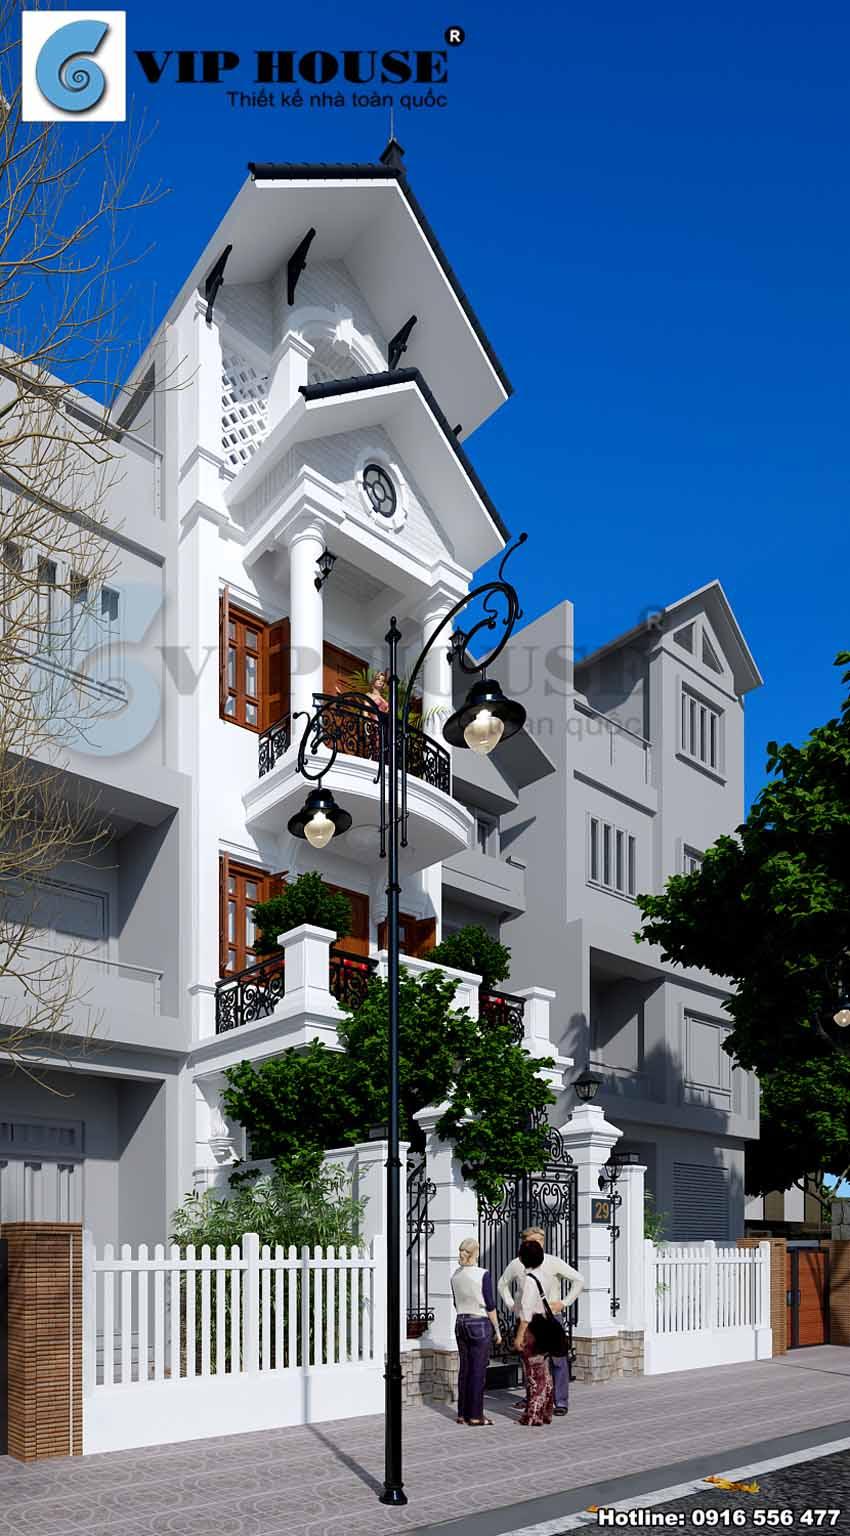 Những đường nét tinh tế đã thay thế hoàn toàn kiến trúc nhà